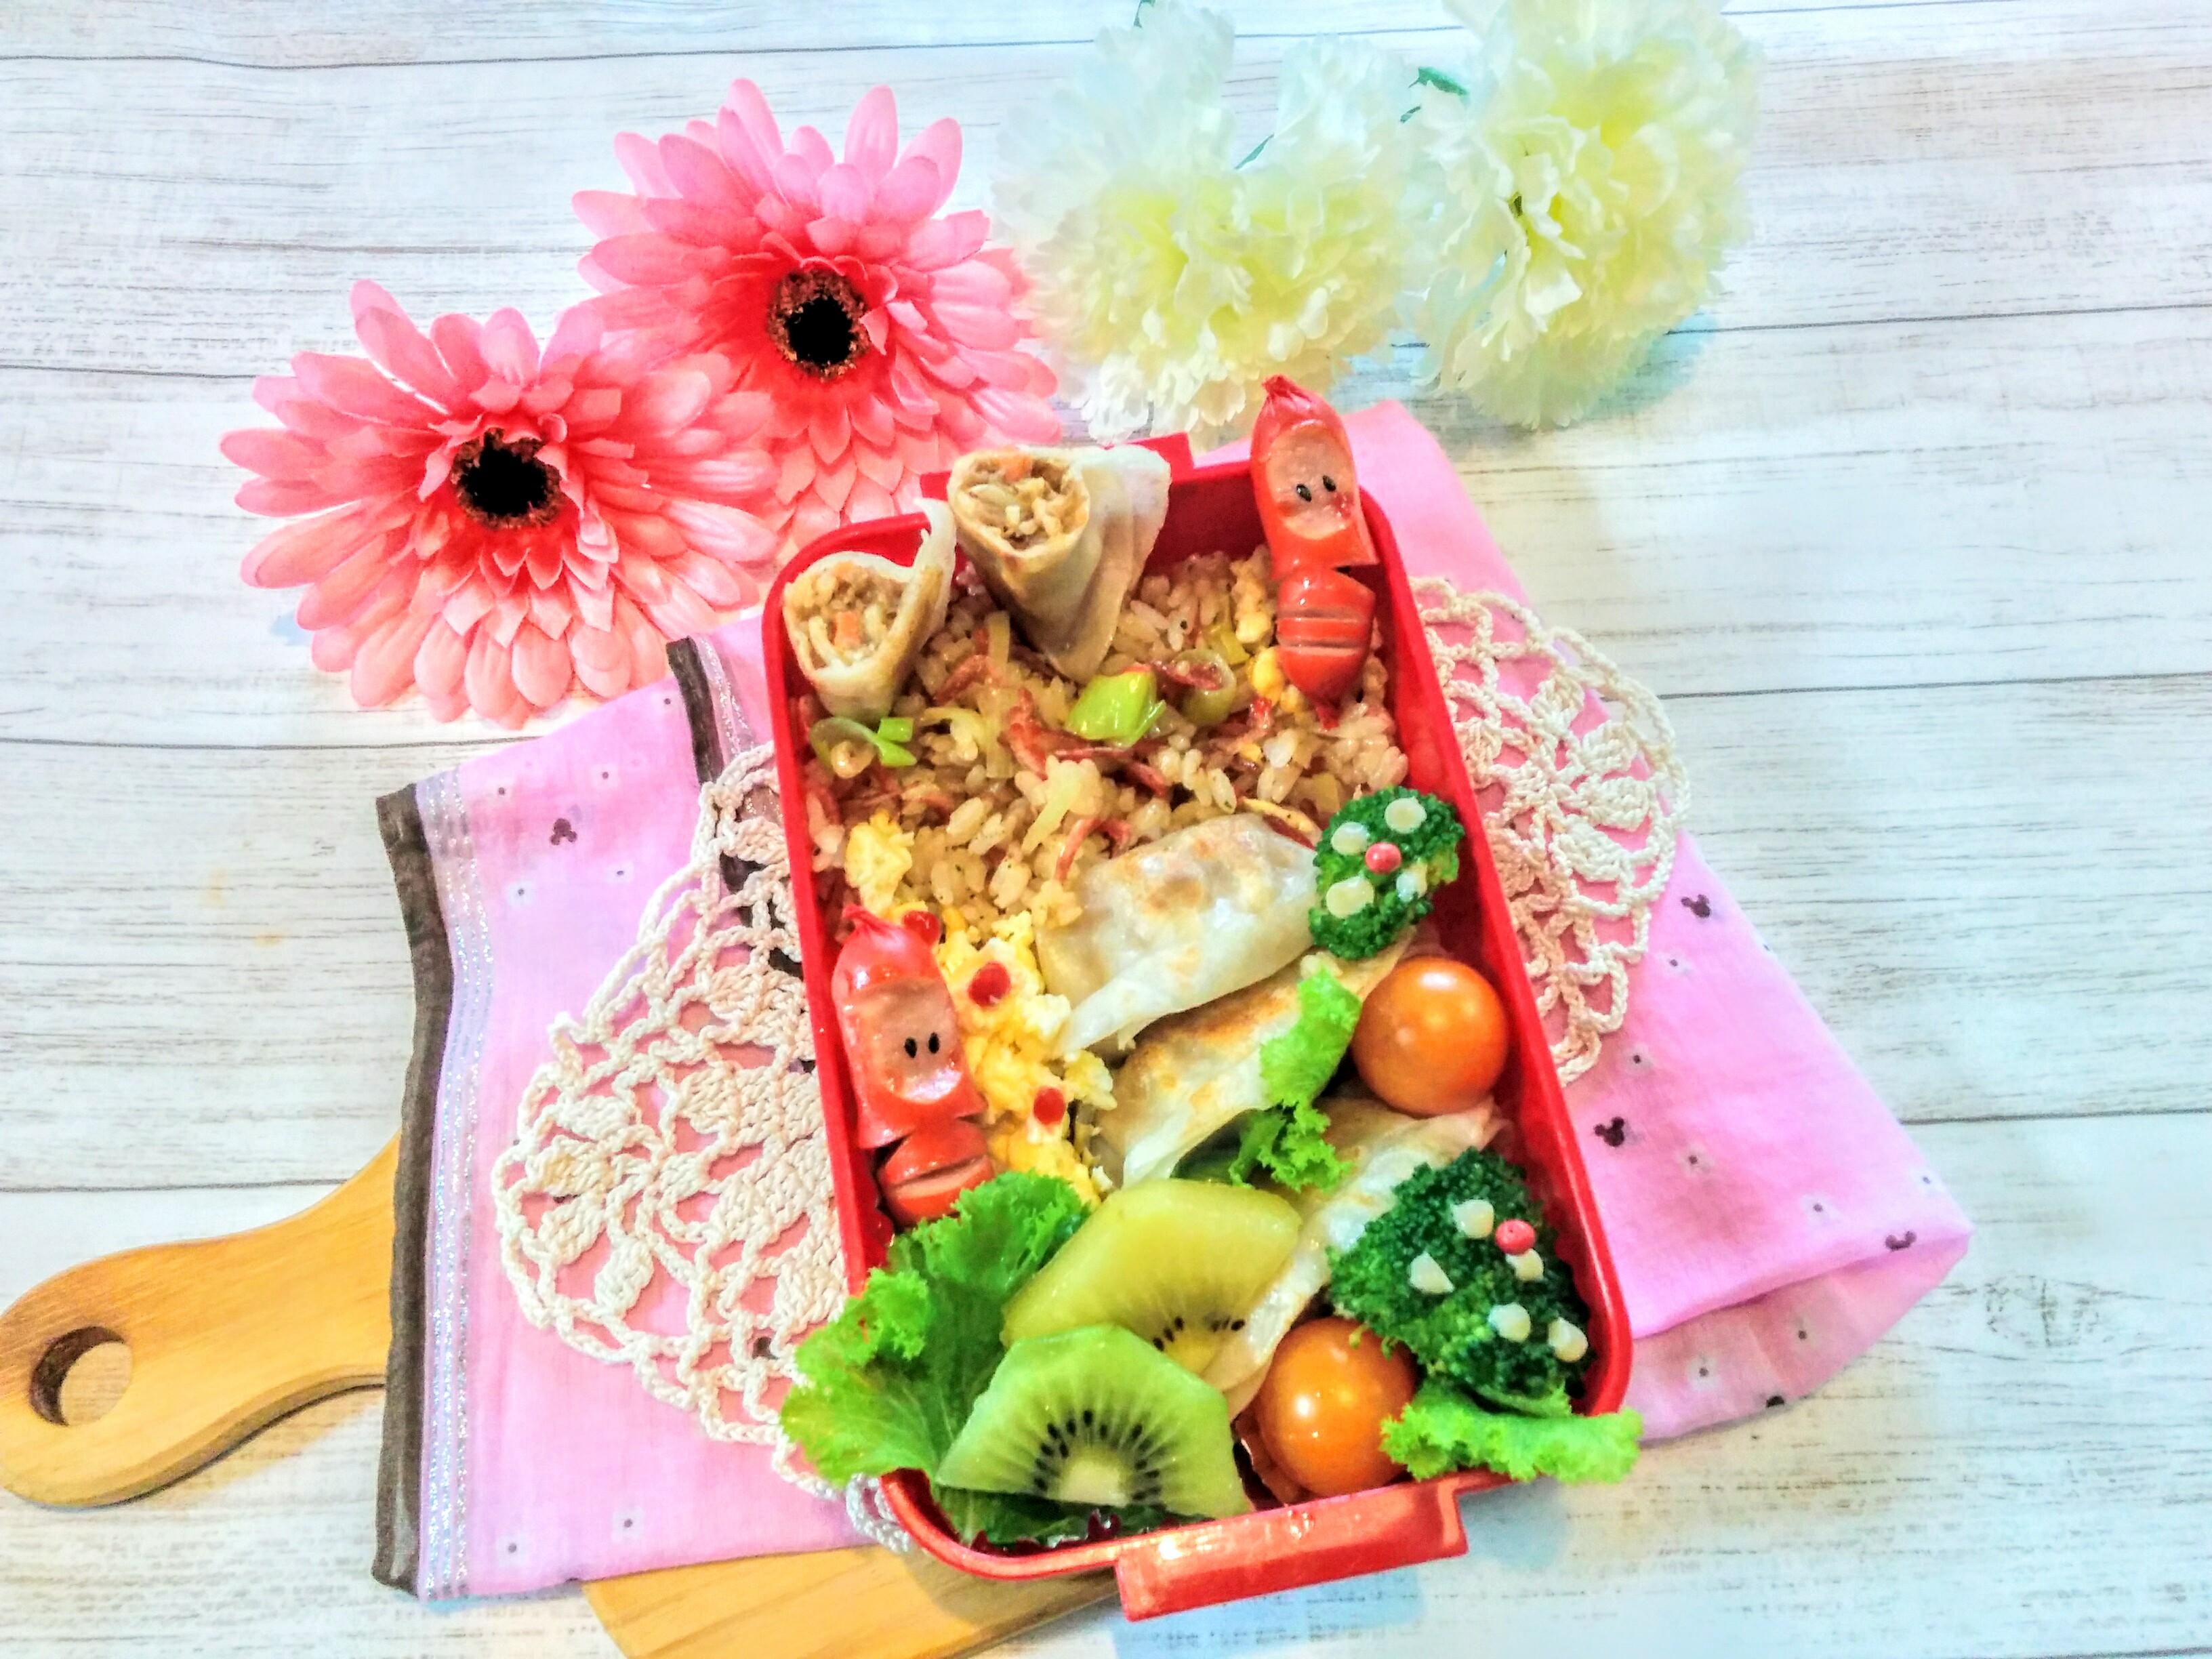 【小樽】娘の今日のお弁当・チャーハン弁当グルメ案内です。